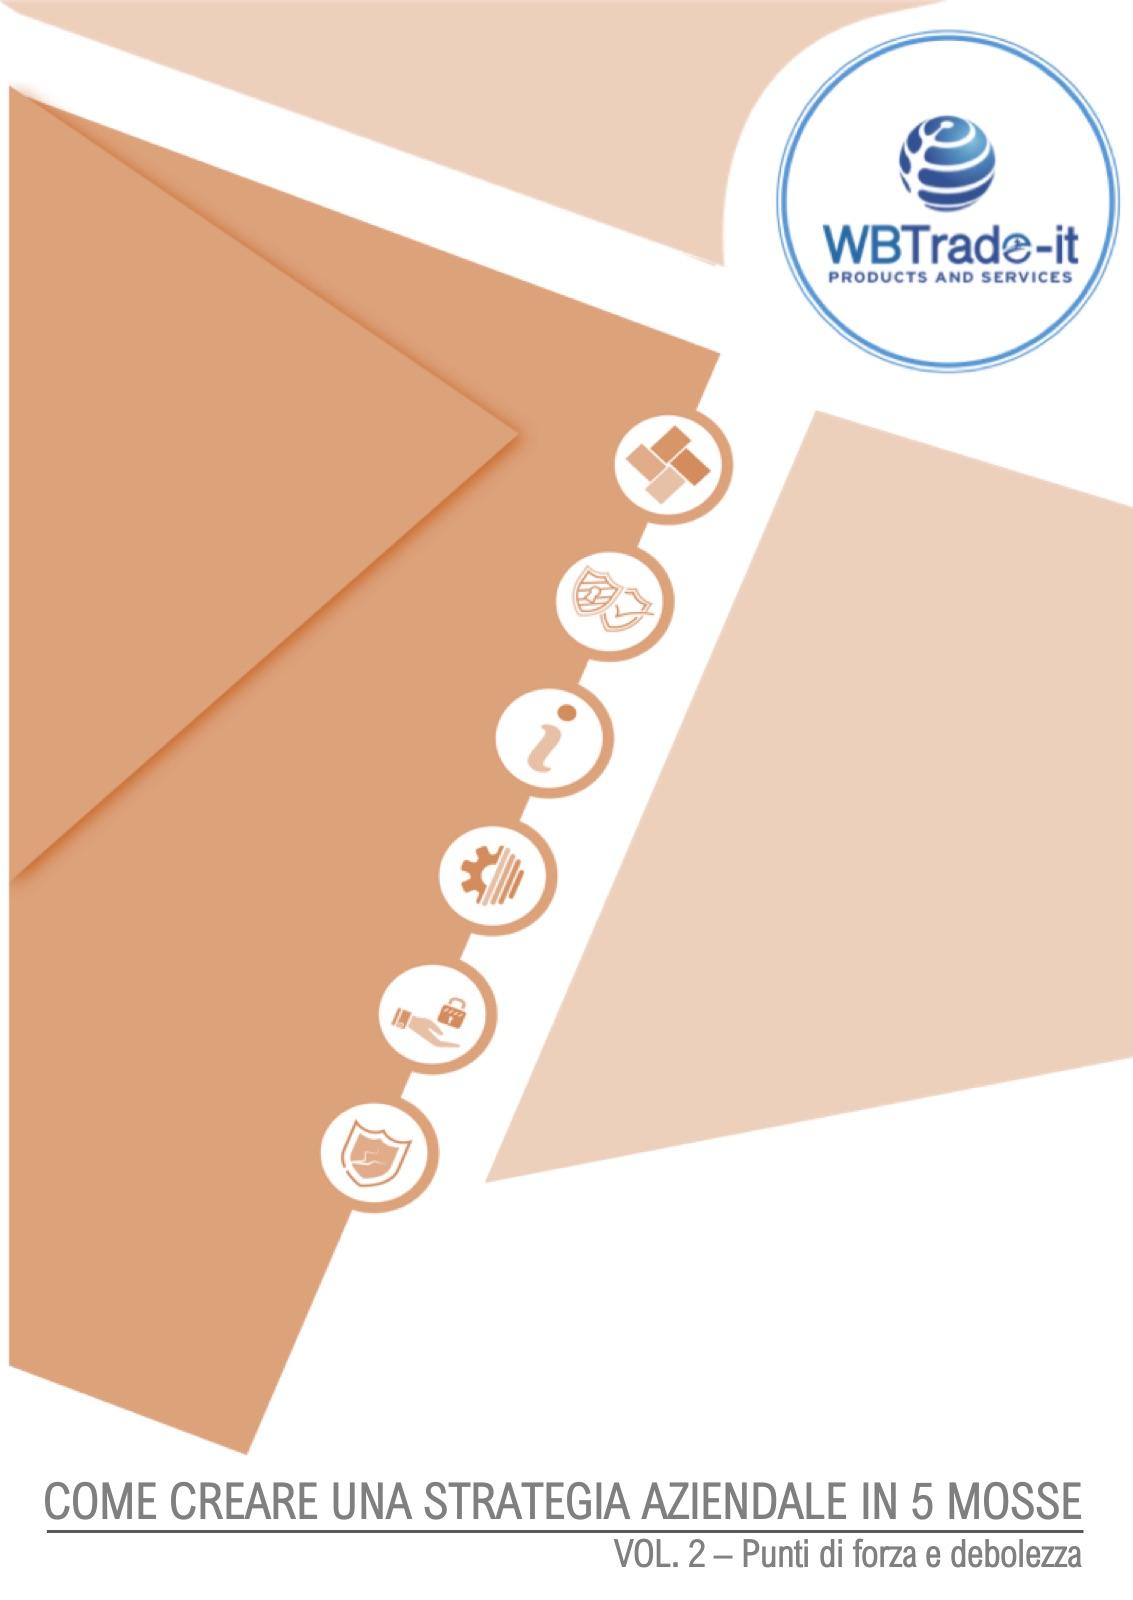 Sviluppo aziendale: materiale informativo da scaricare gratuitamente vol. 2